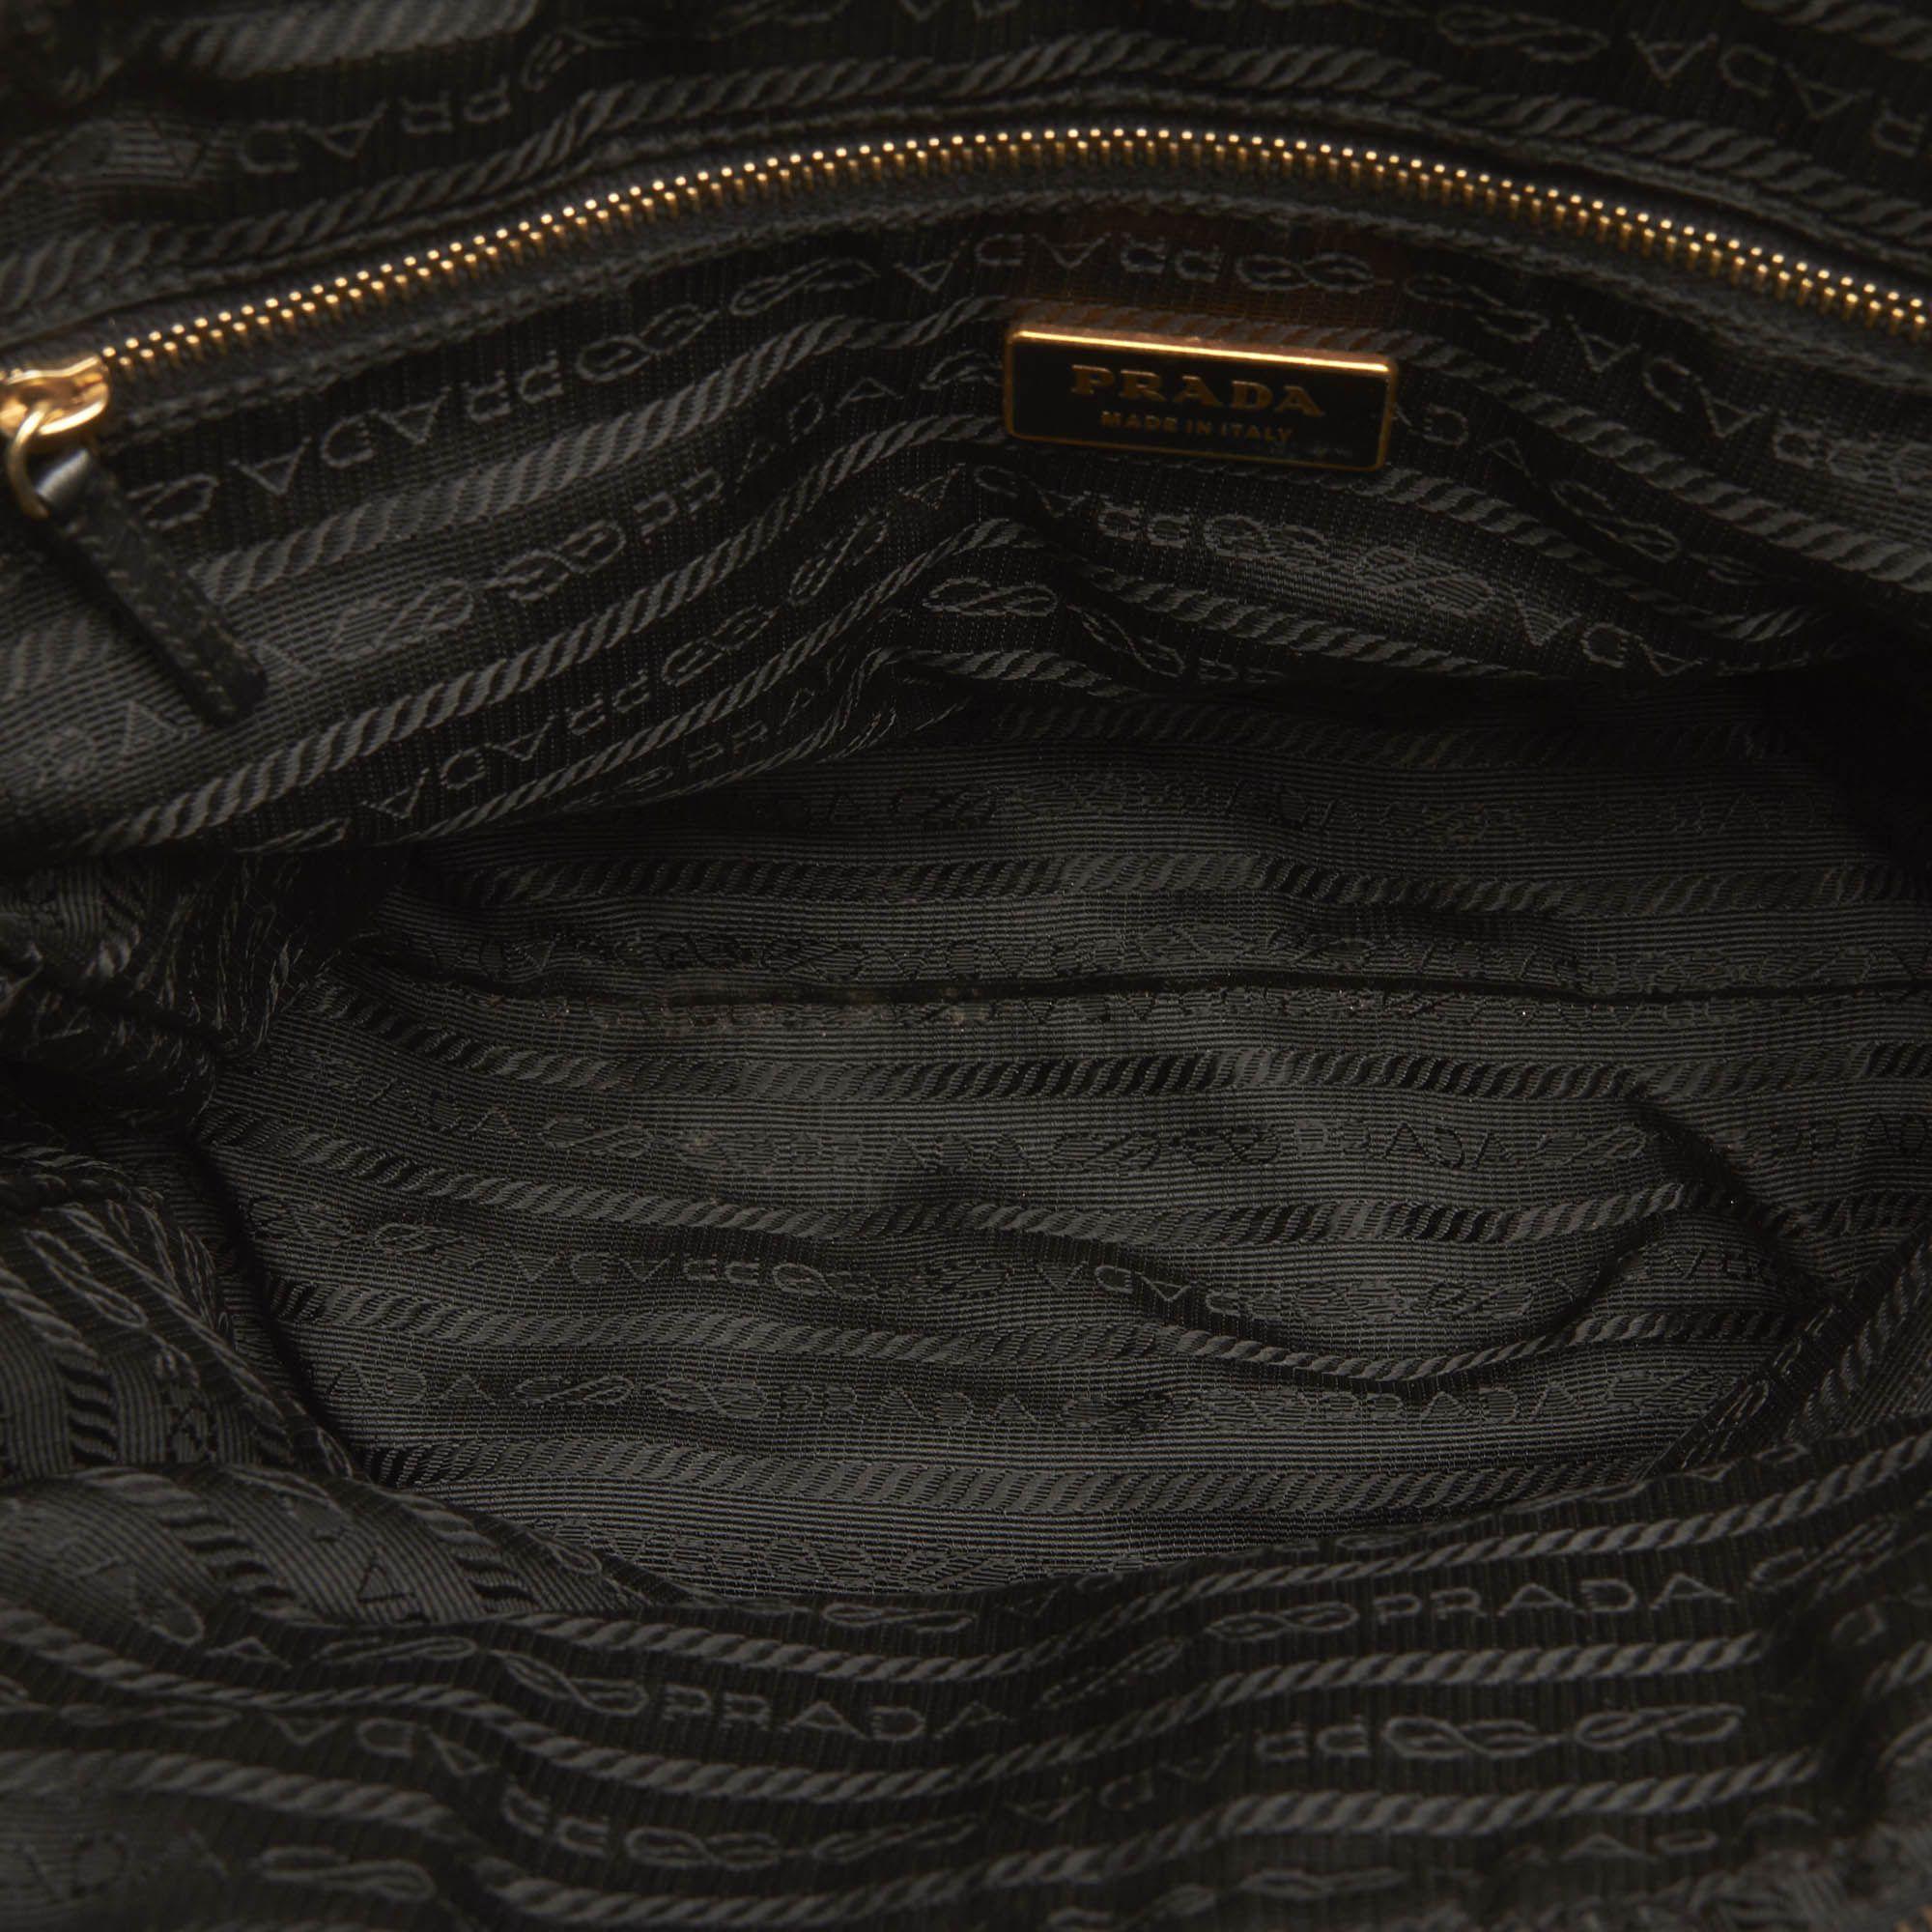 Vintage Prada Tessuto Handbag Black